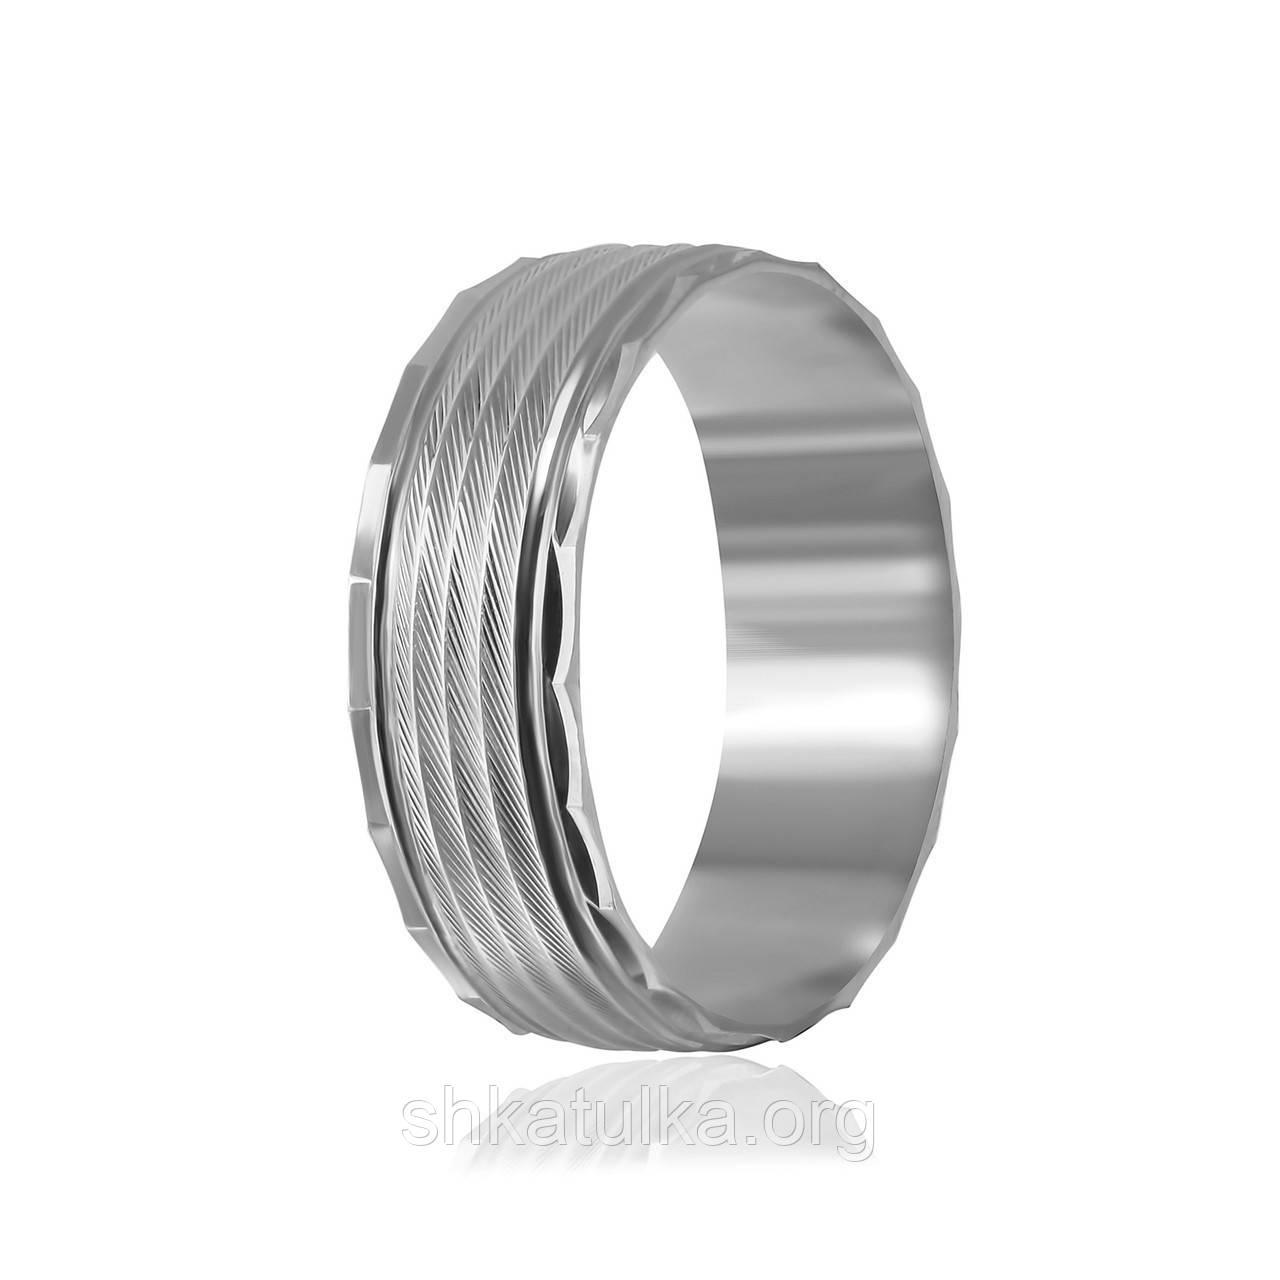 Обручальное кольцо серебряное К2/814 - 15,9